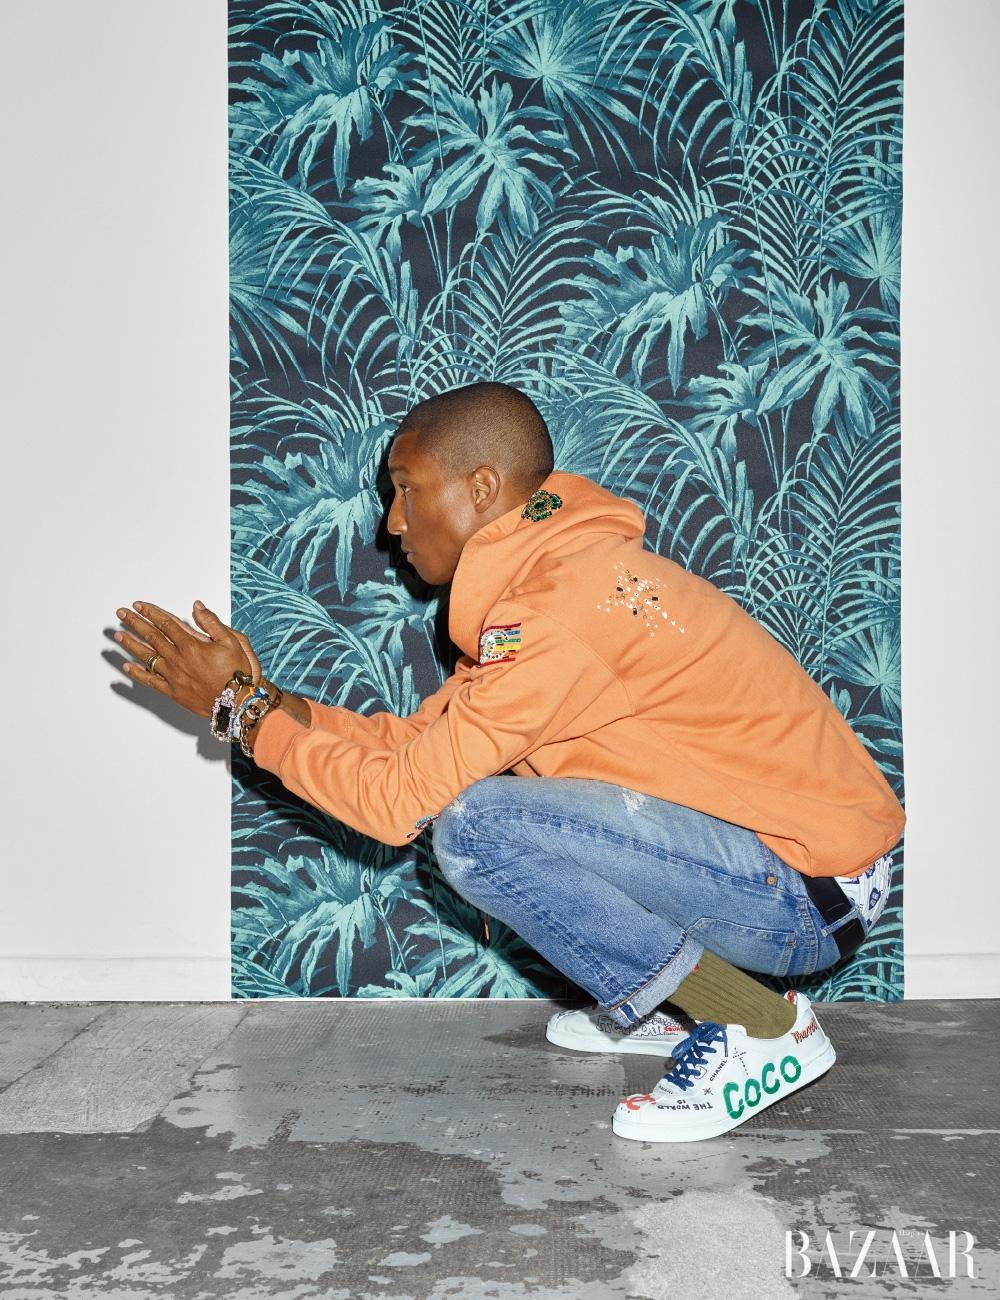 후디, 스니커즈, 벨트, 레이어드한 팔찌는 모두 CHANEL-Pharrell Capsule Collection, 데님 팬츠와 반지는 개인 소장품.